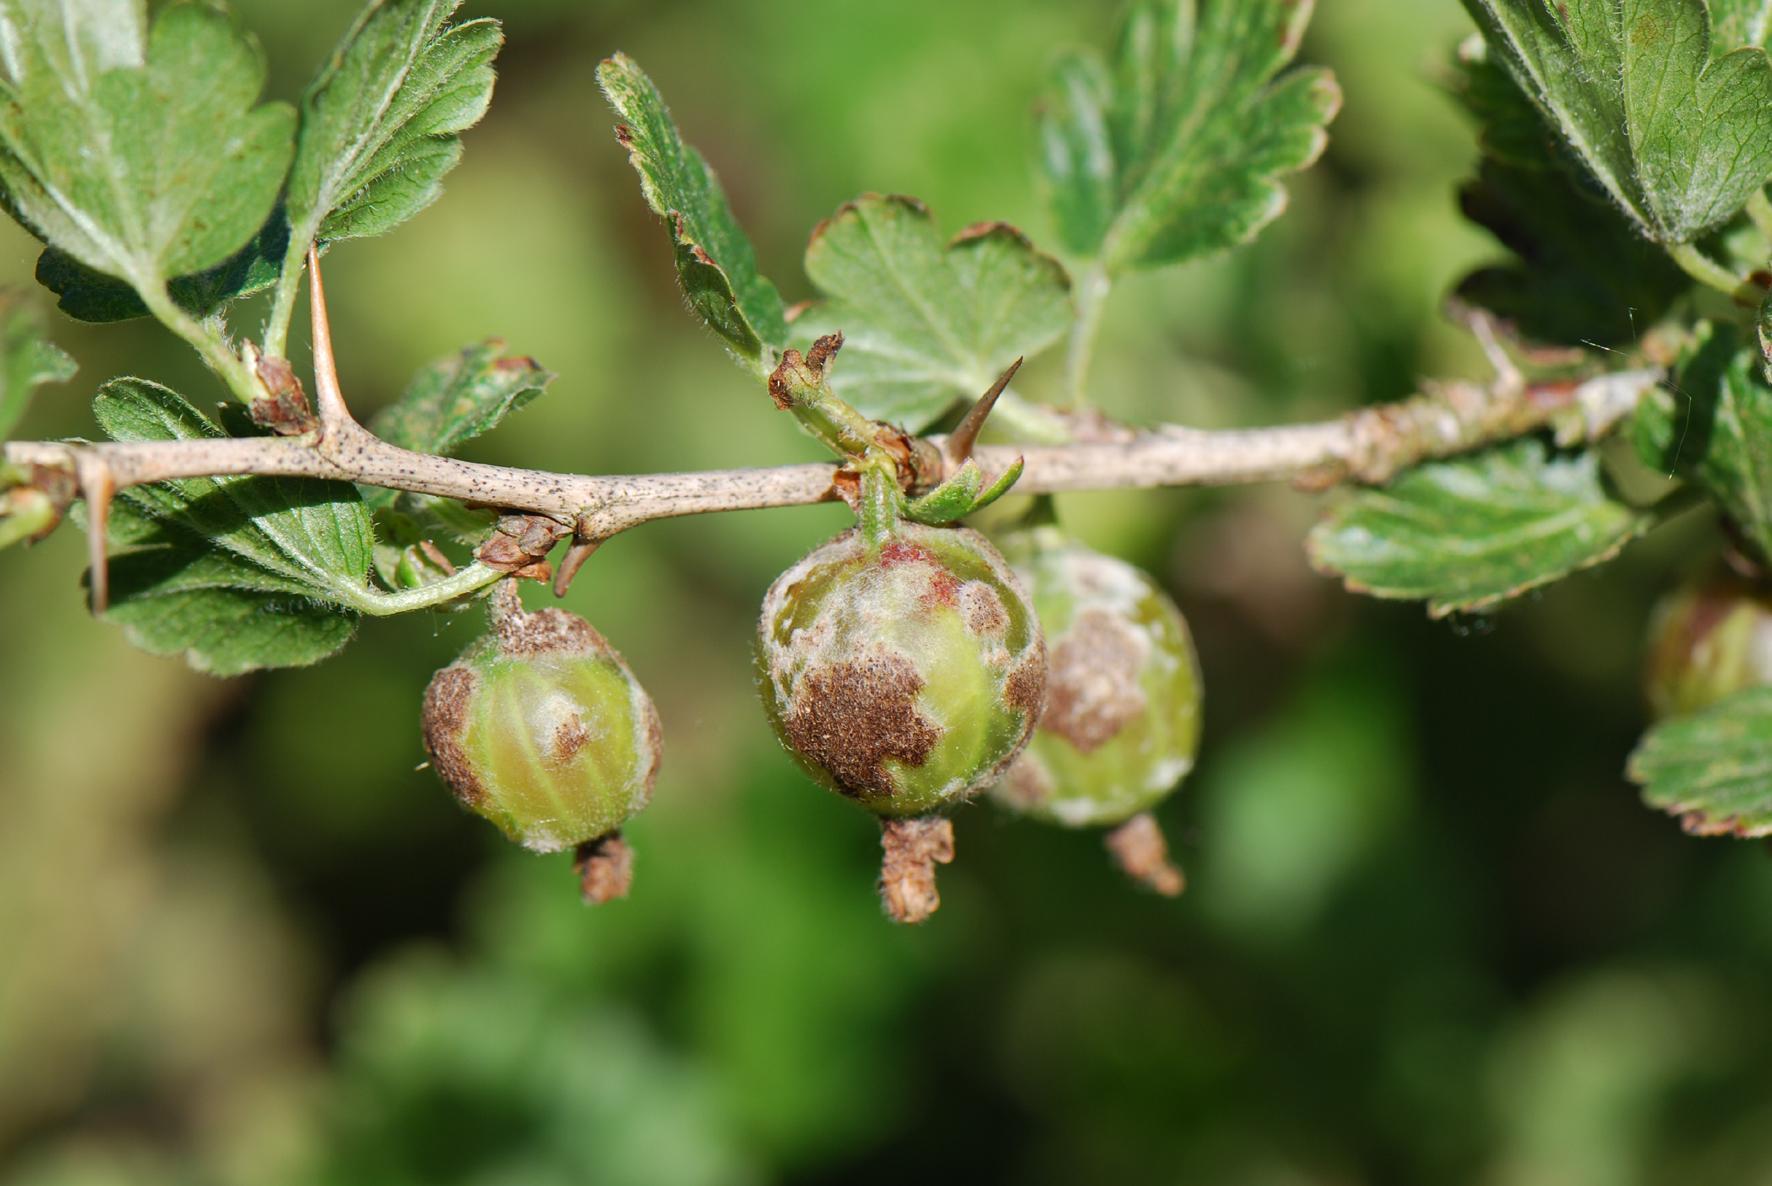 Болезни смородины: белый налет на листьях. как лечить заболевание, профилактика белого налёта на смородине: советы